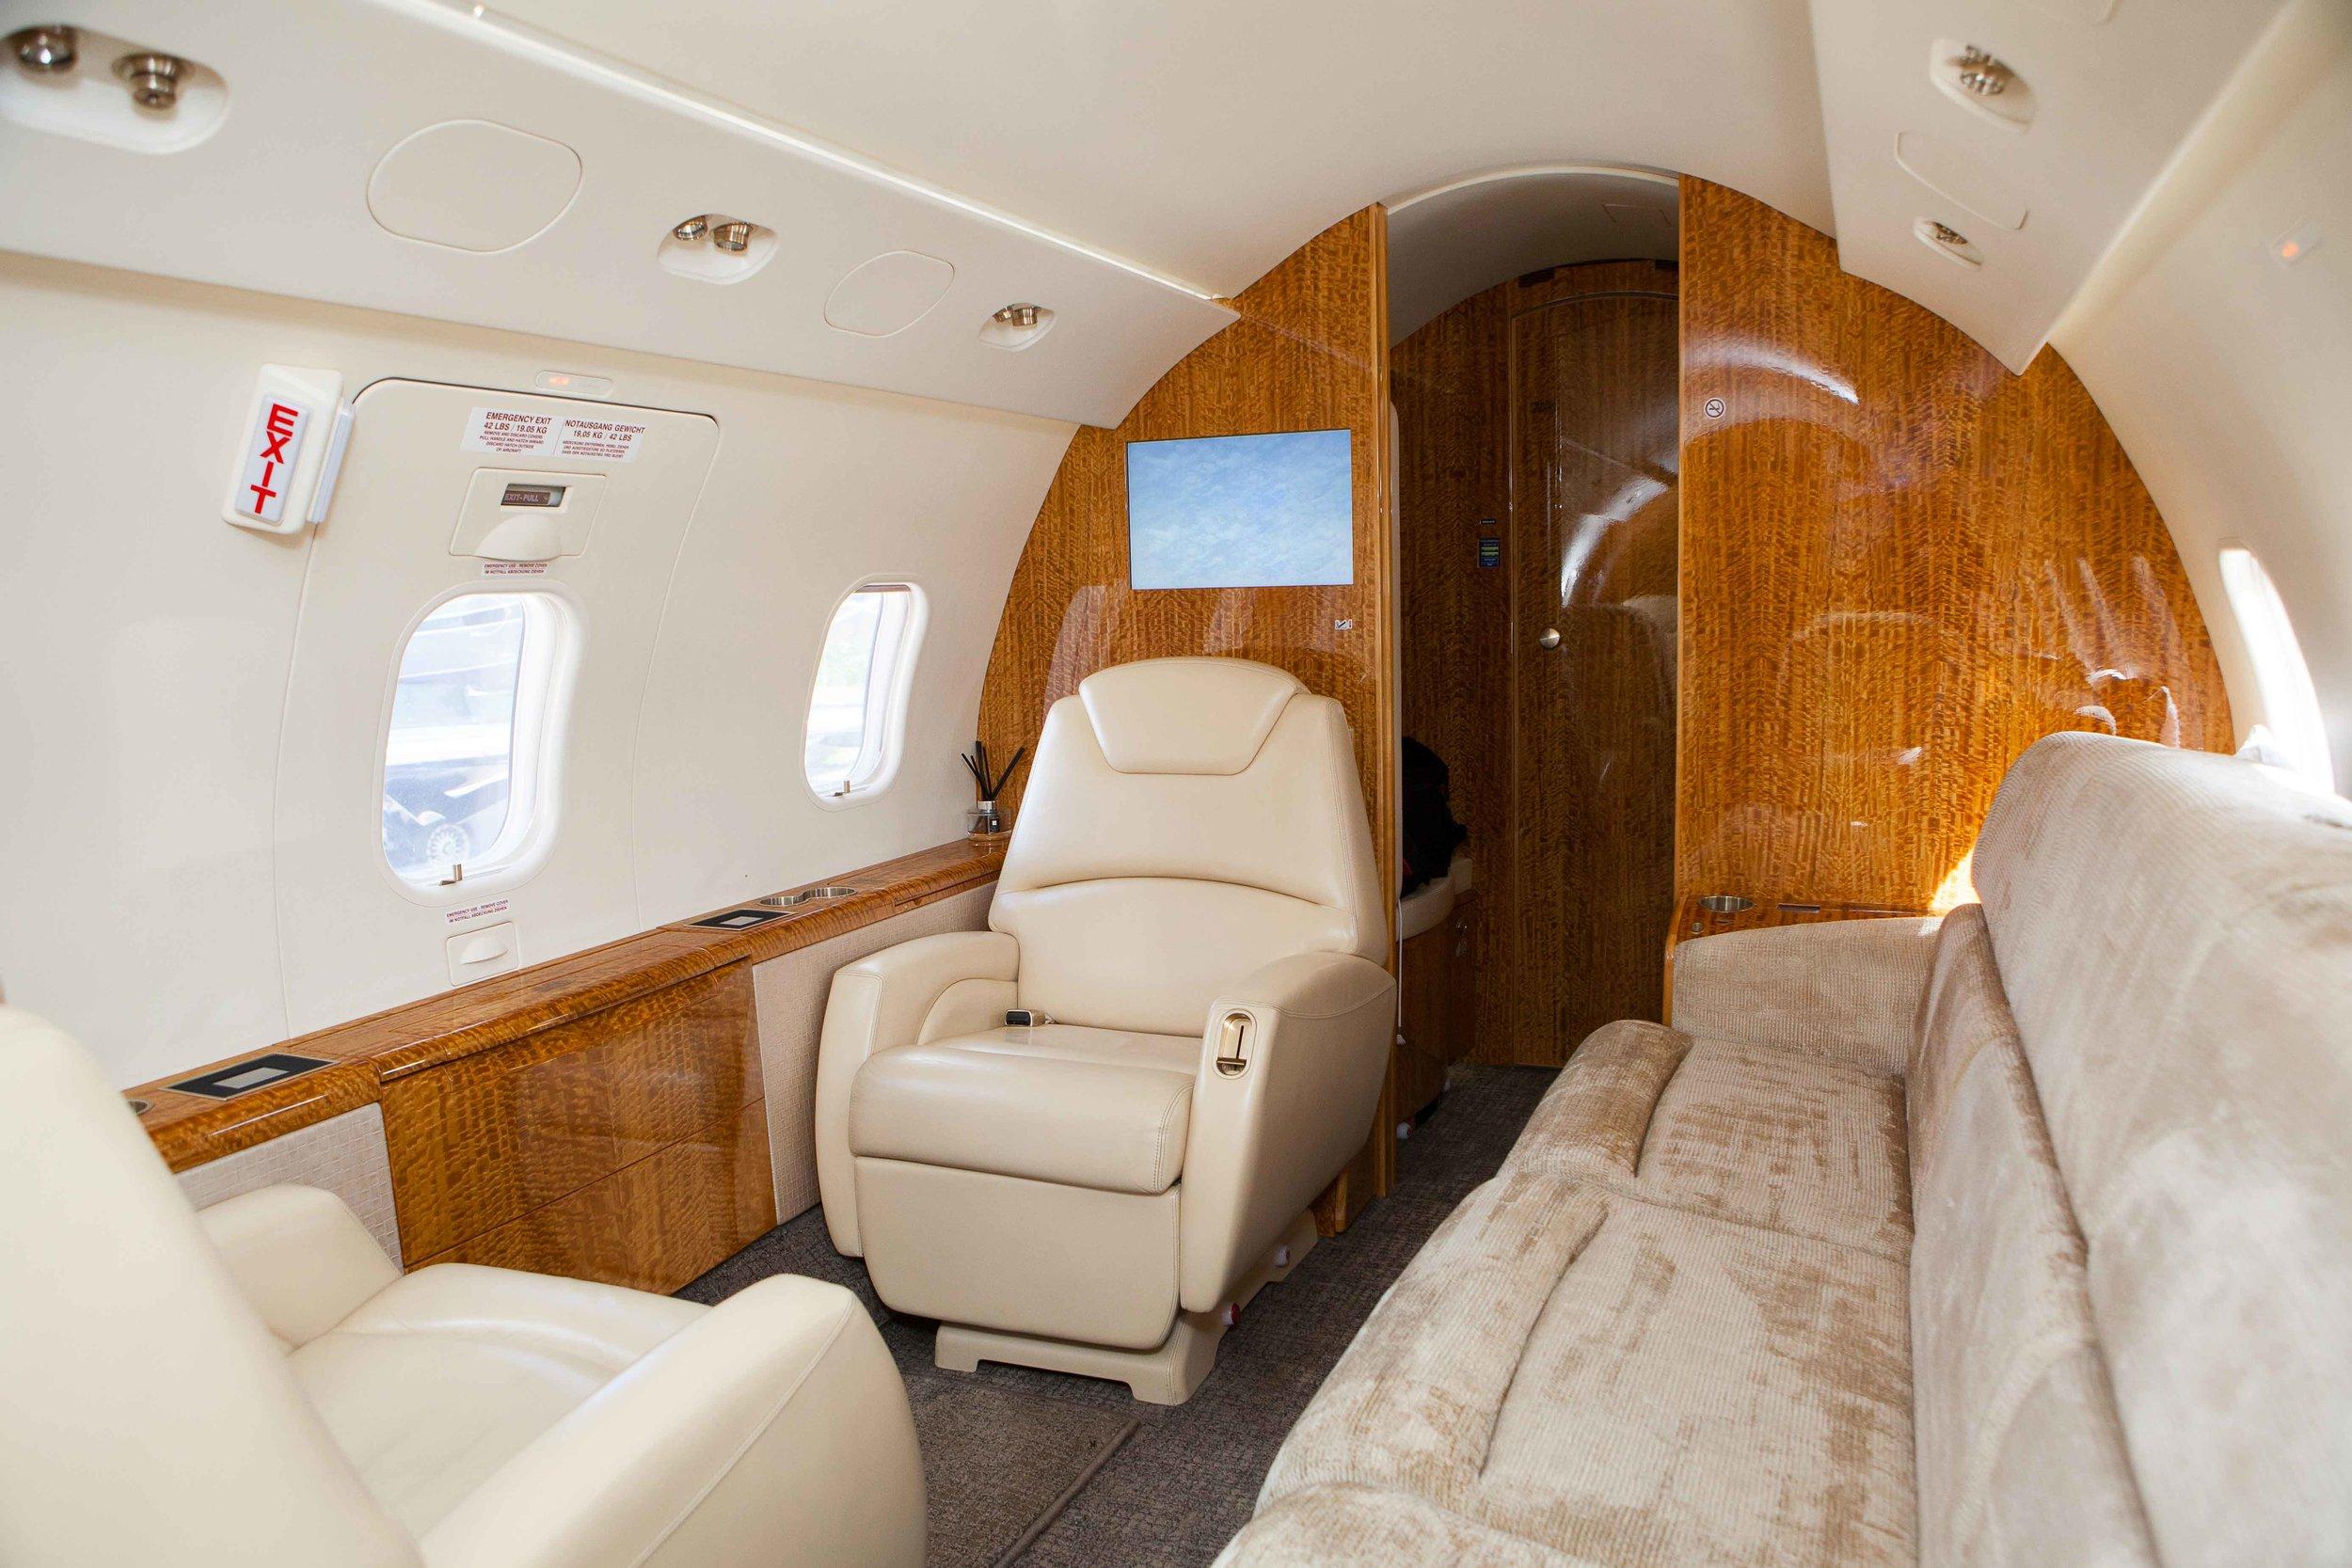 avion,-banquette,-sellerie,-gainage,-jet, interieur.jpg